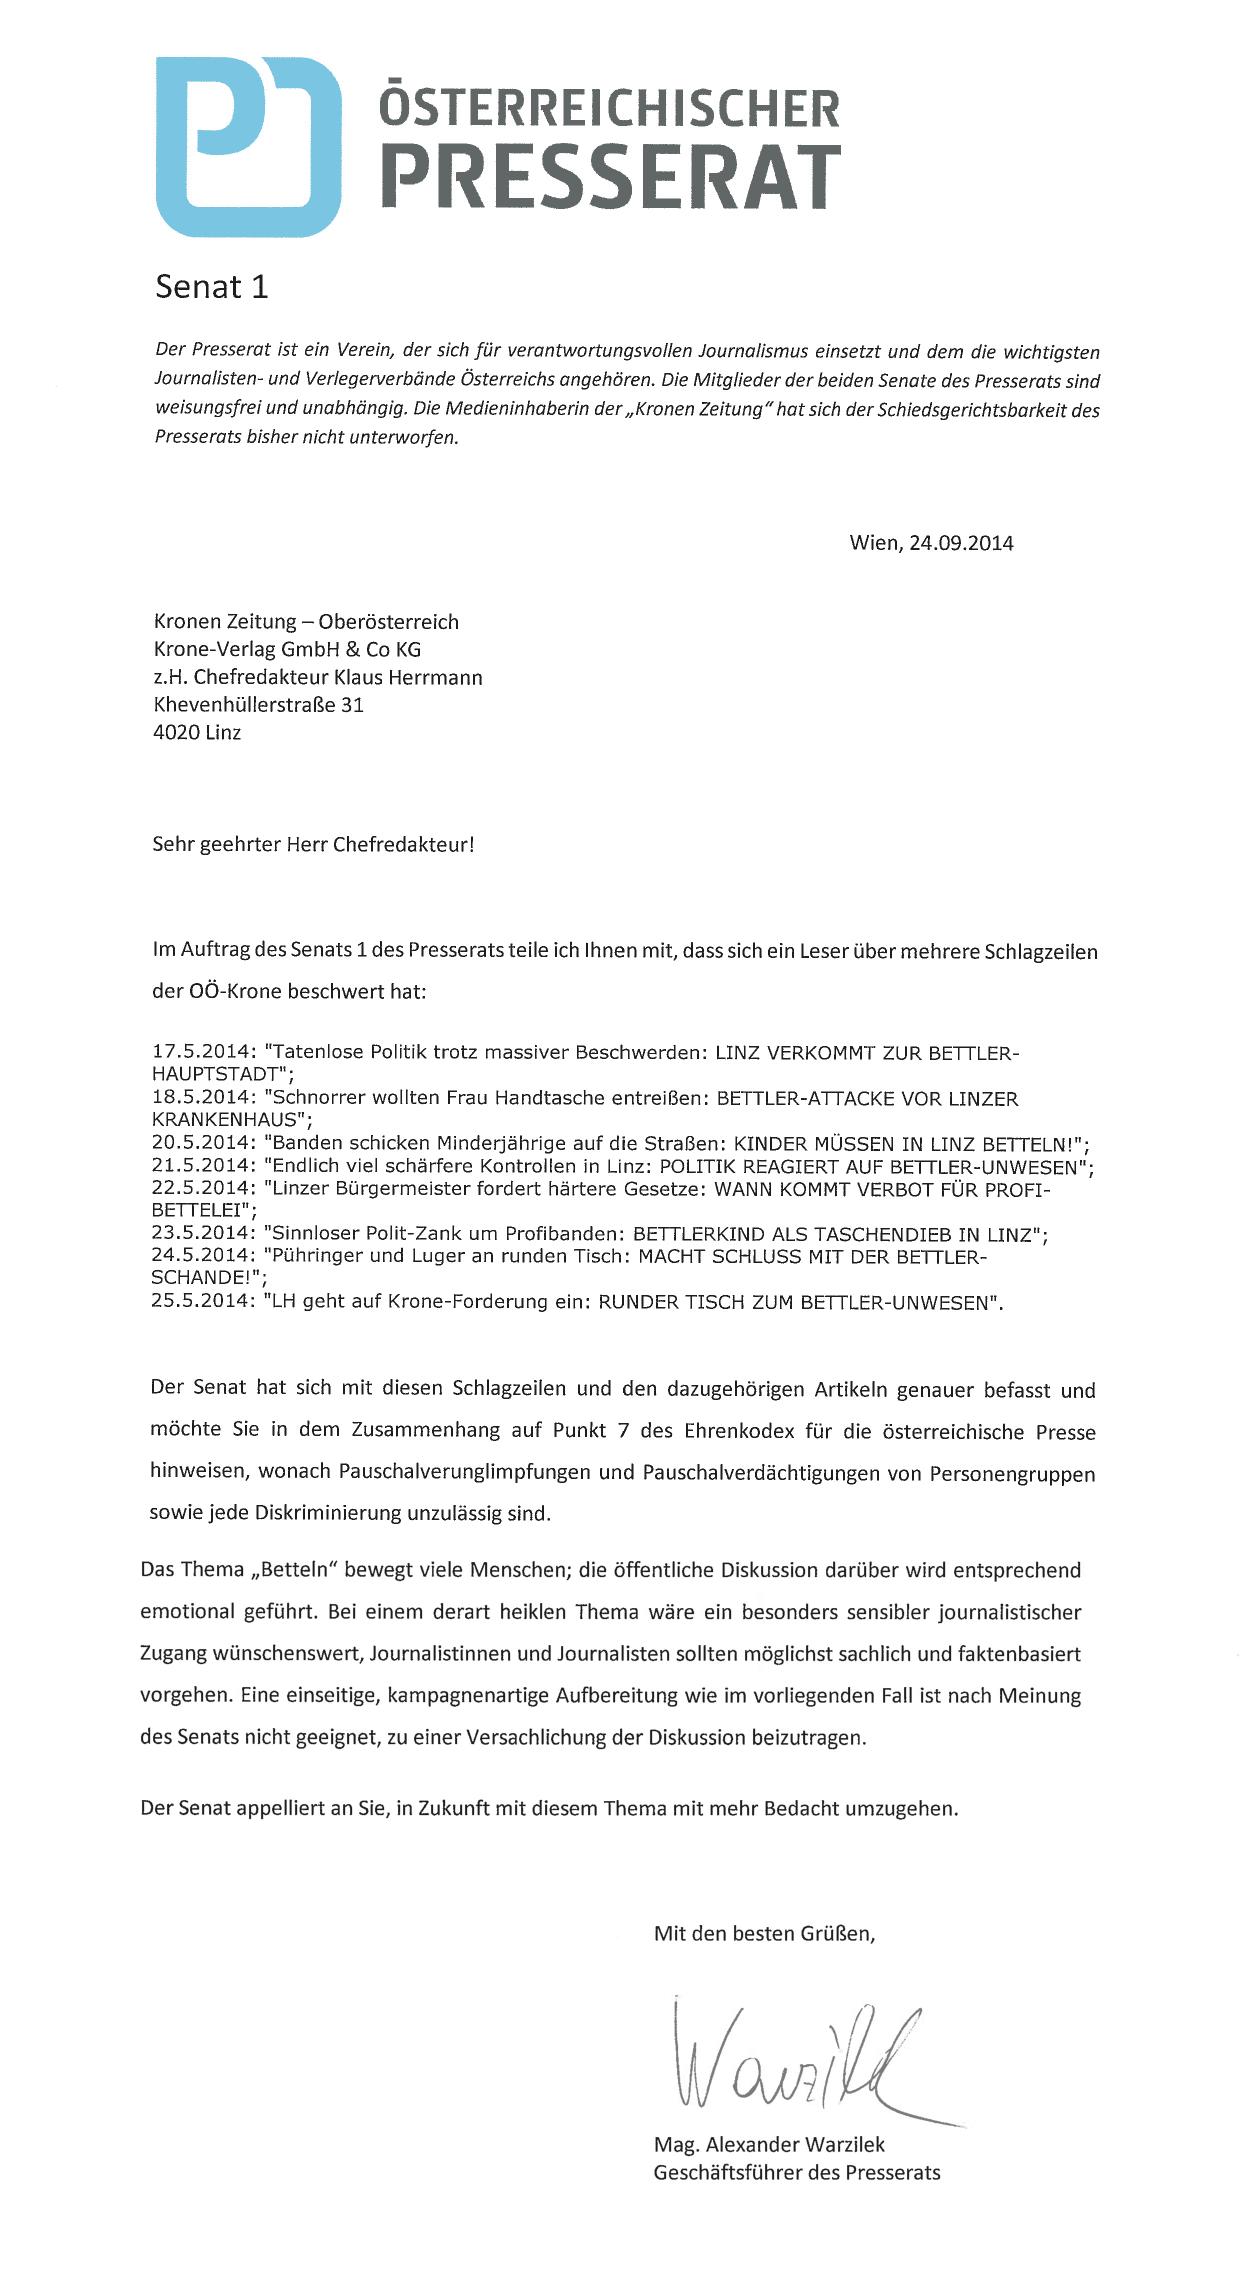 Presseratrüge Kronenzeitung 2014_109